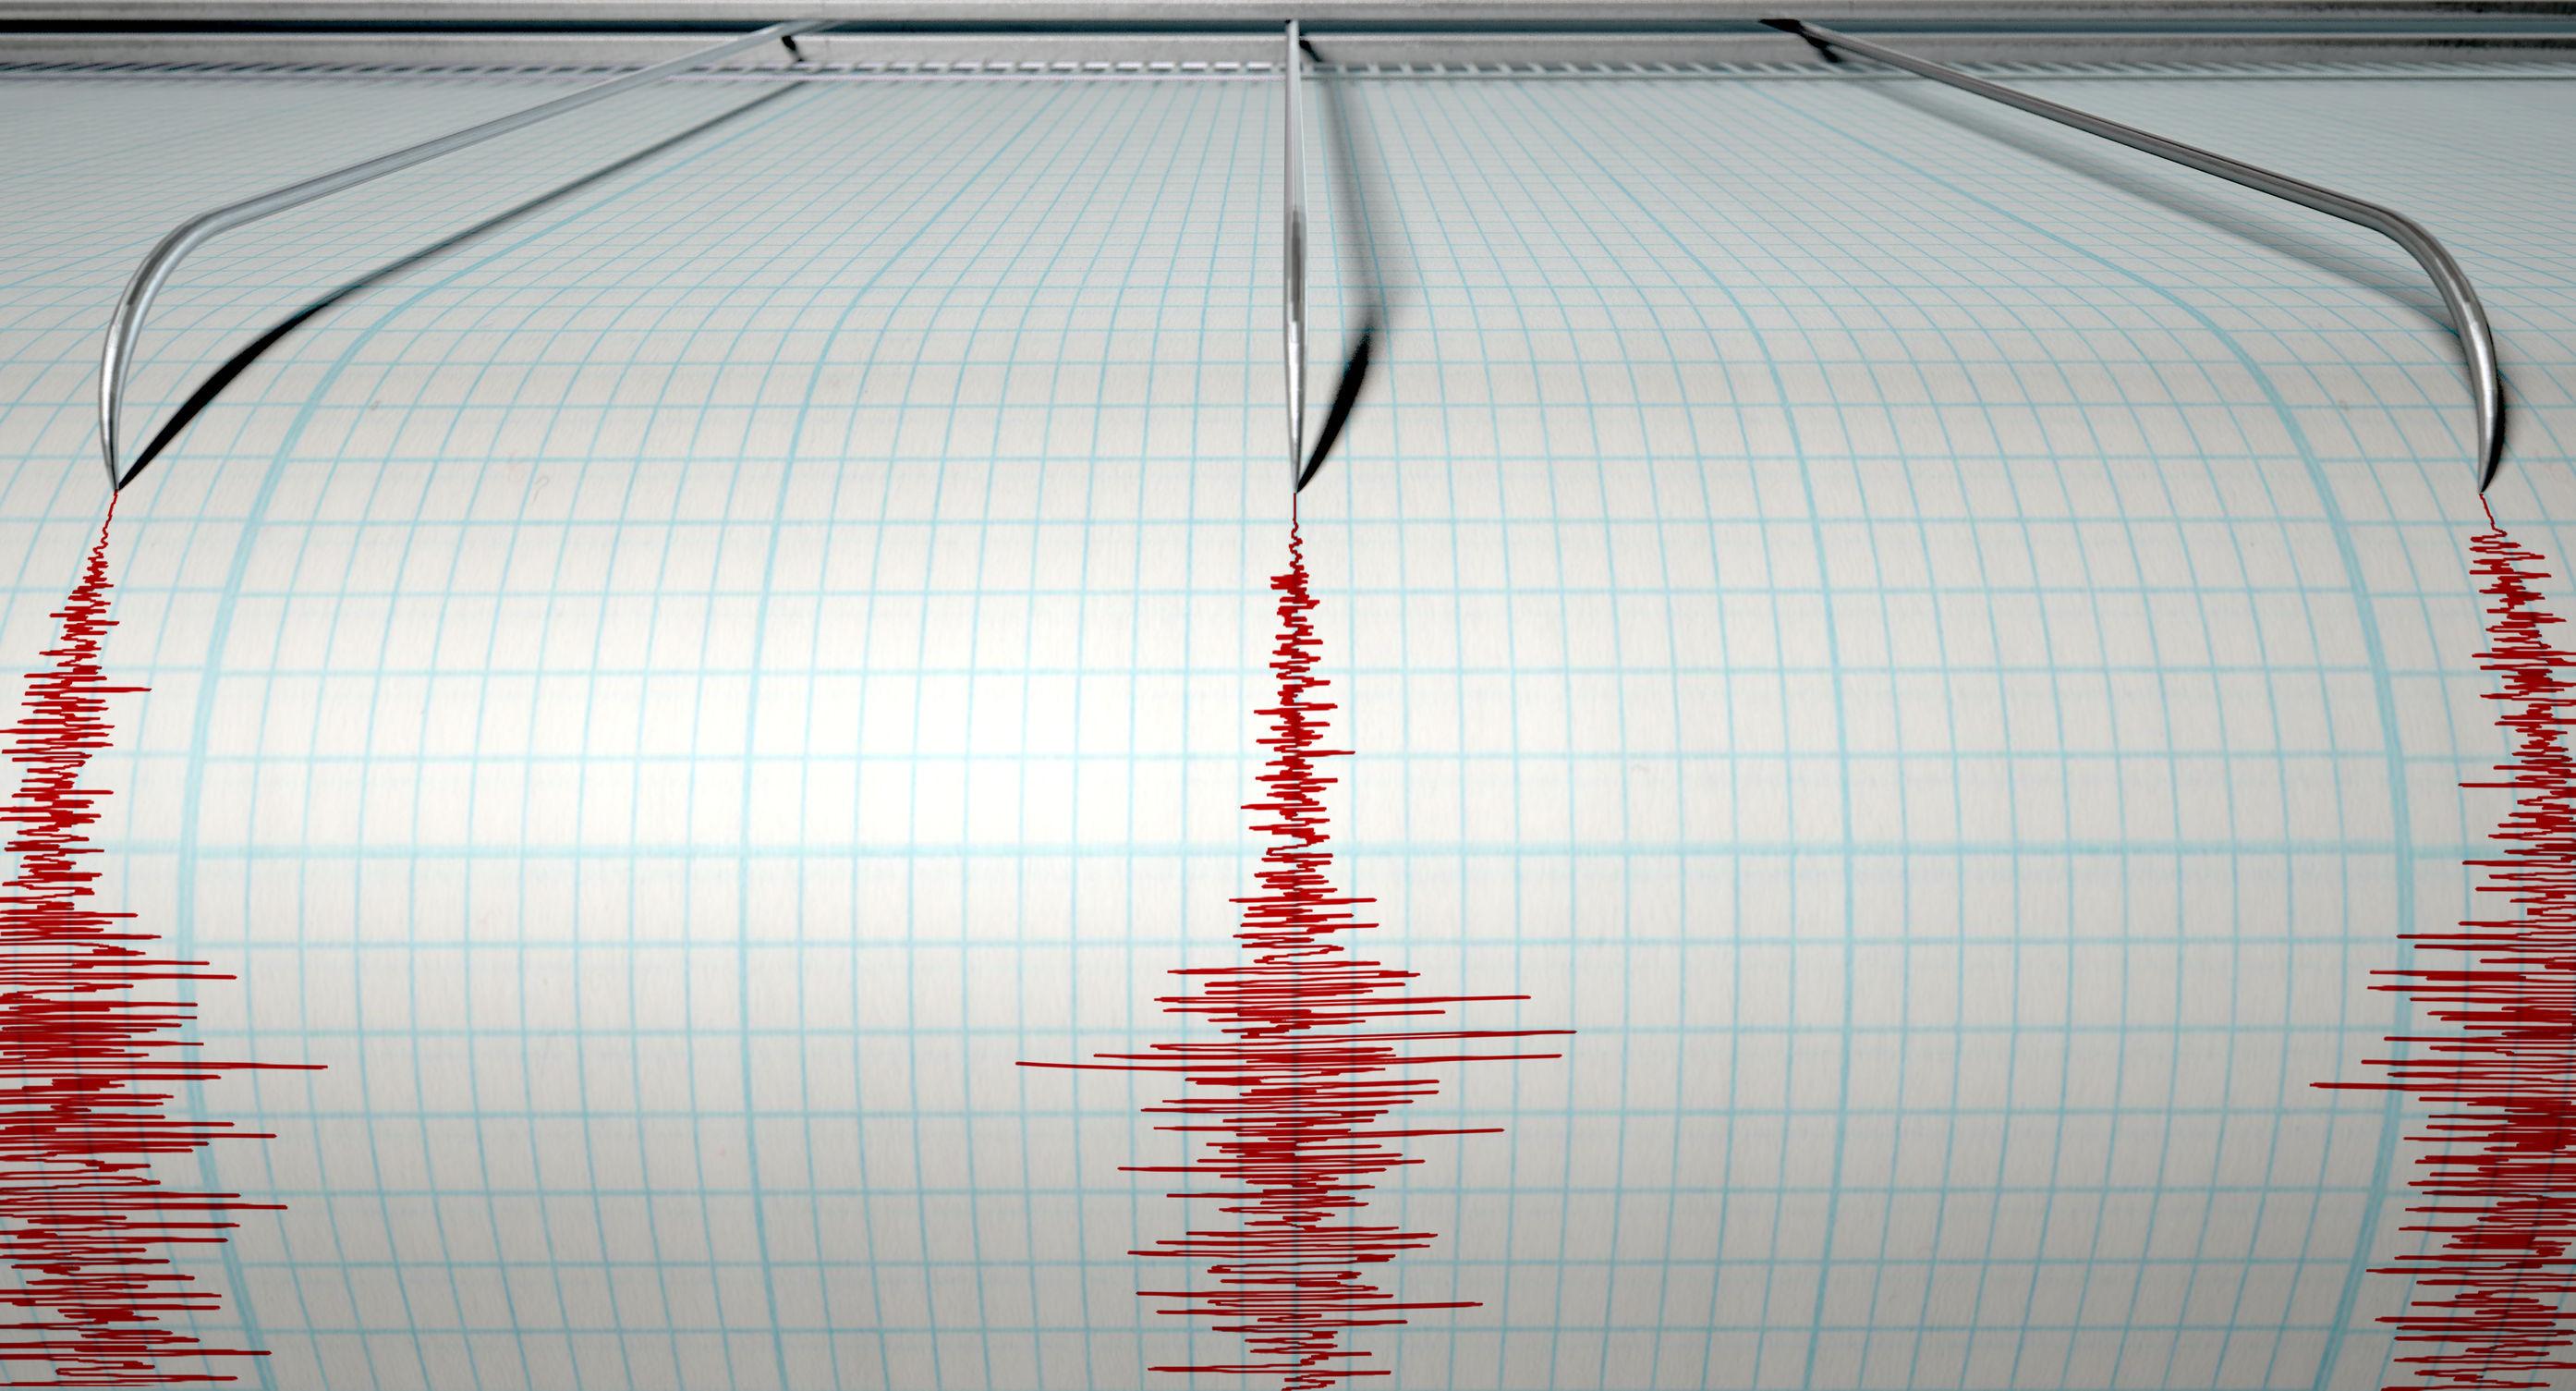 Cel puţin 23 de răniţi în urma unui cutremur în sud-estul Iranului